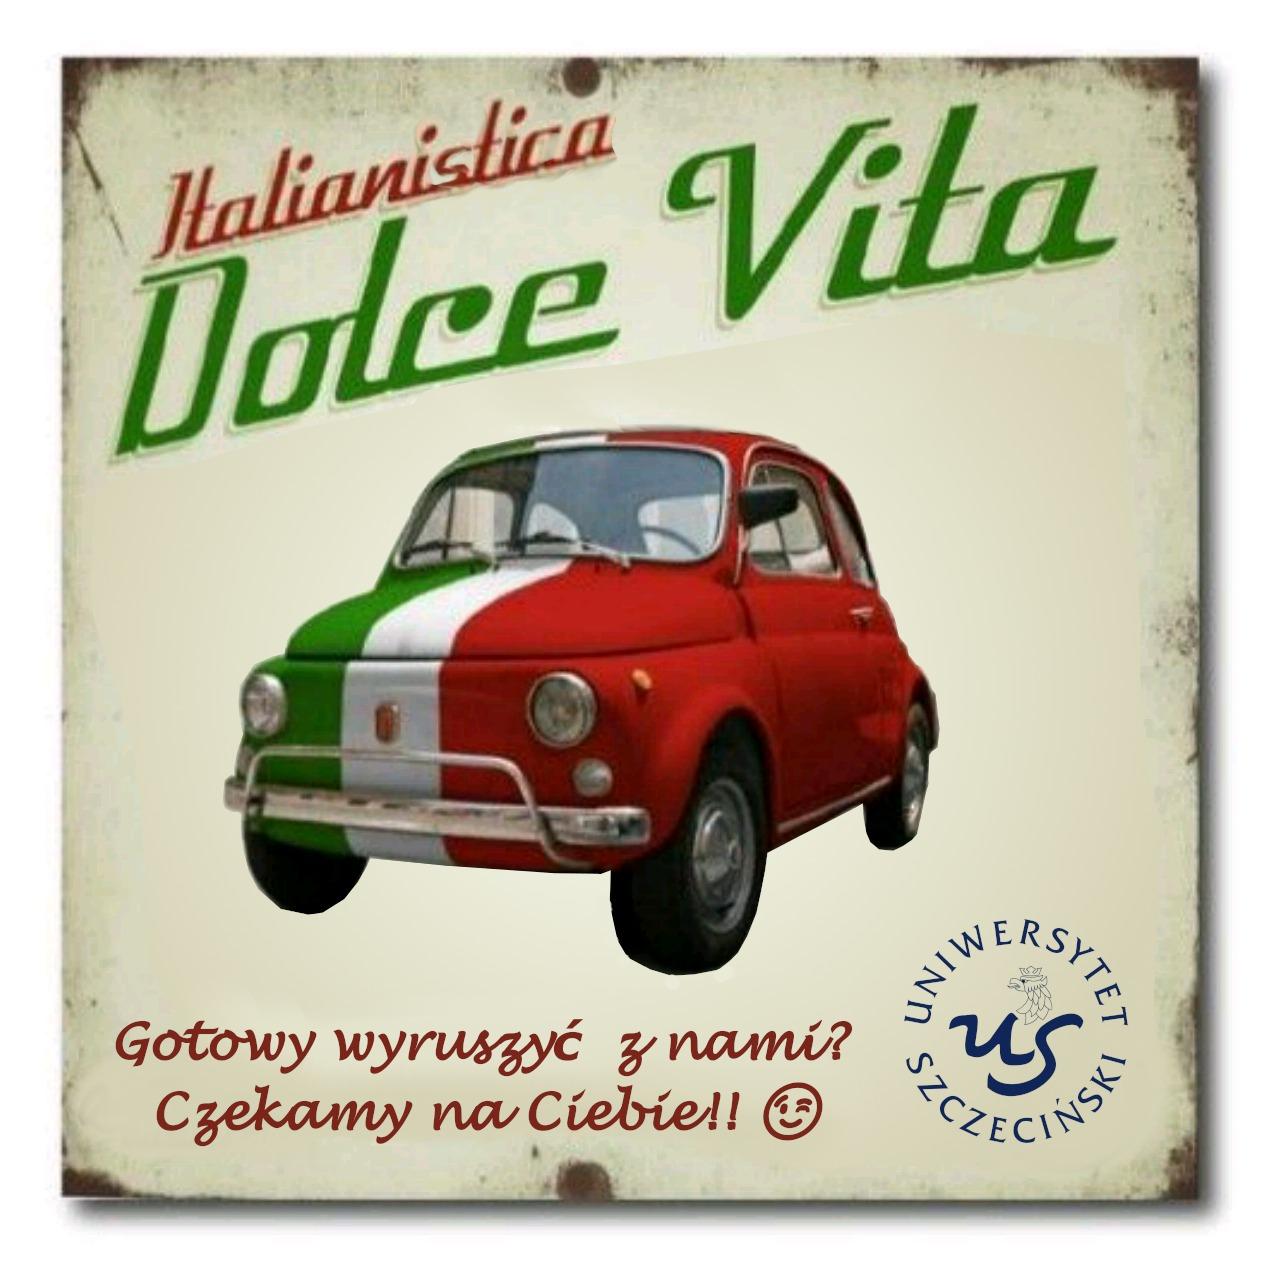 Studiuj italianistykę na US